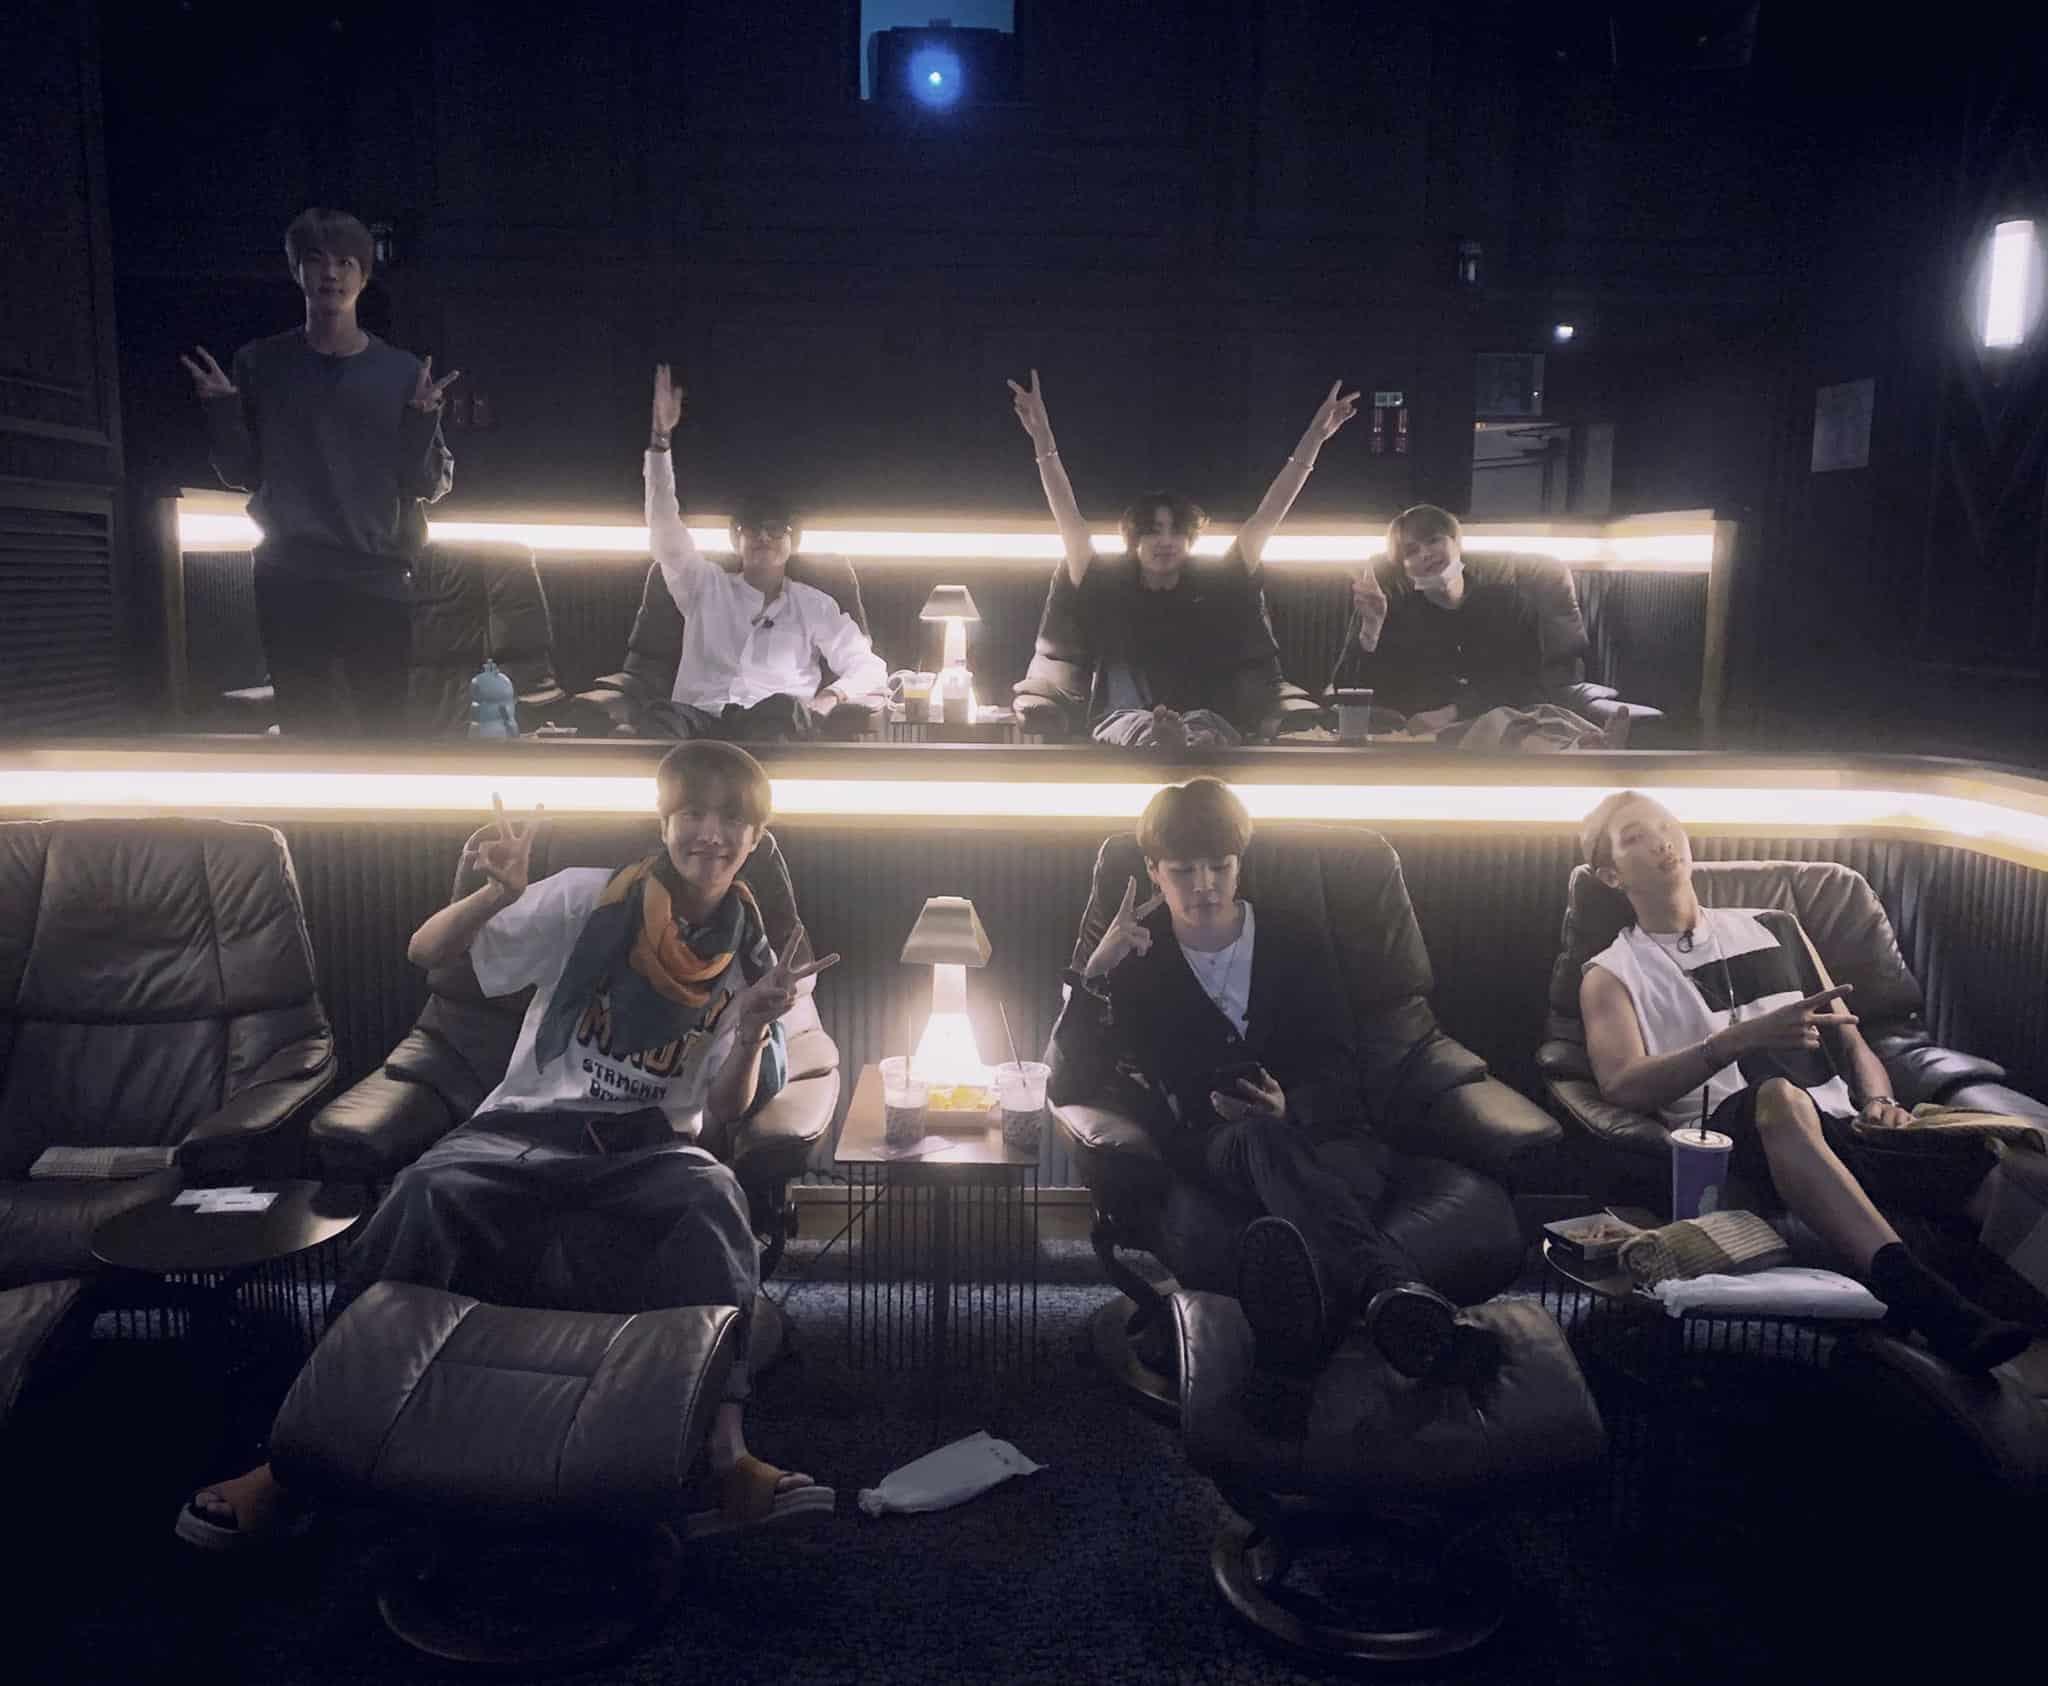 BTS south korean boyband